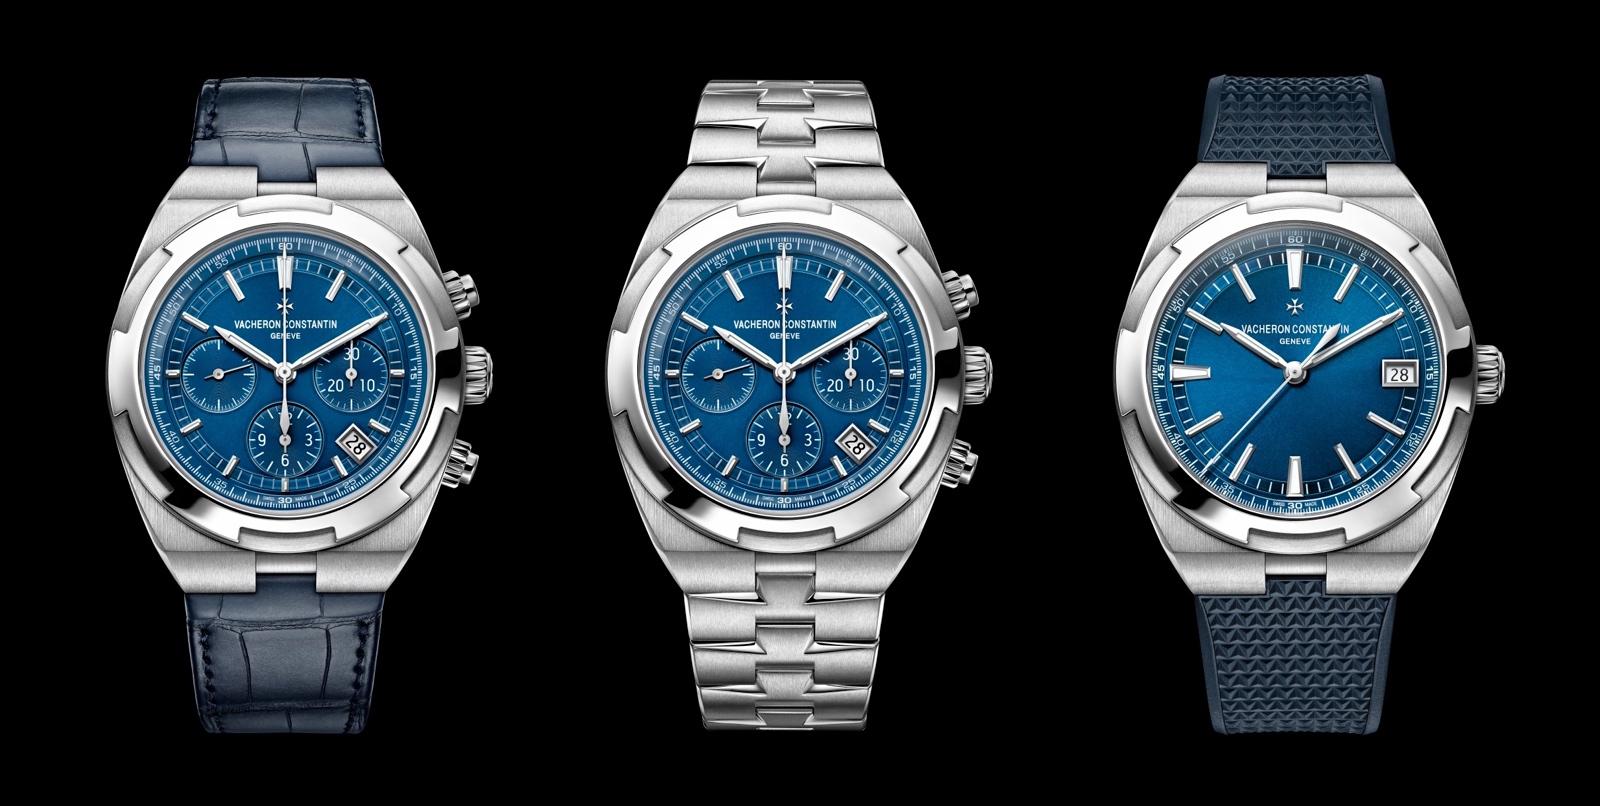 Vacheron Constantin Overseas Calibre 5200 blue trio